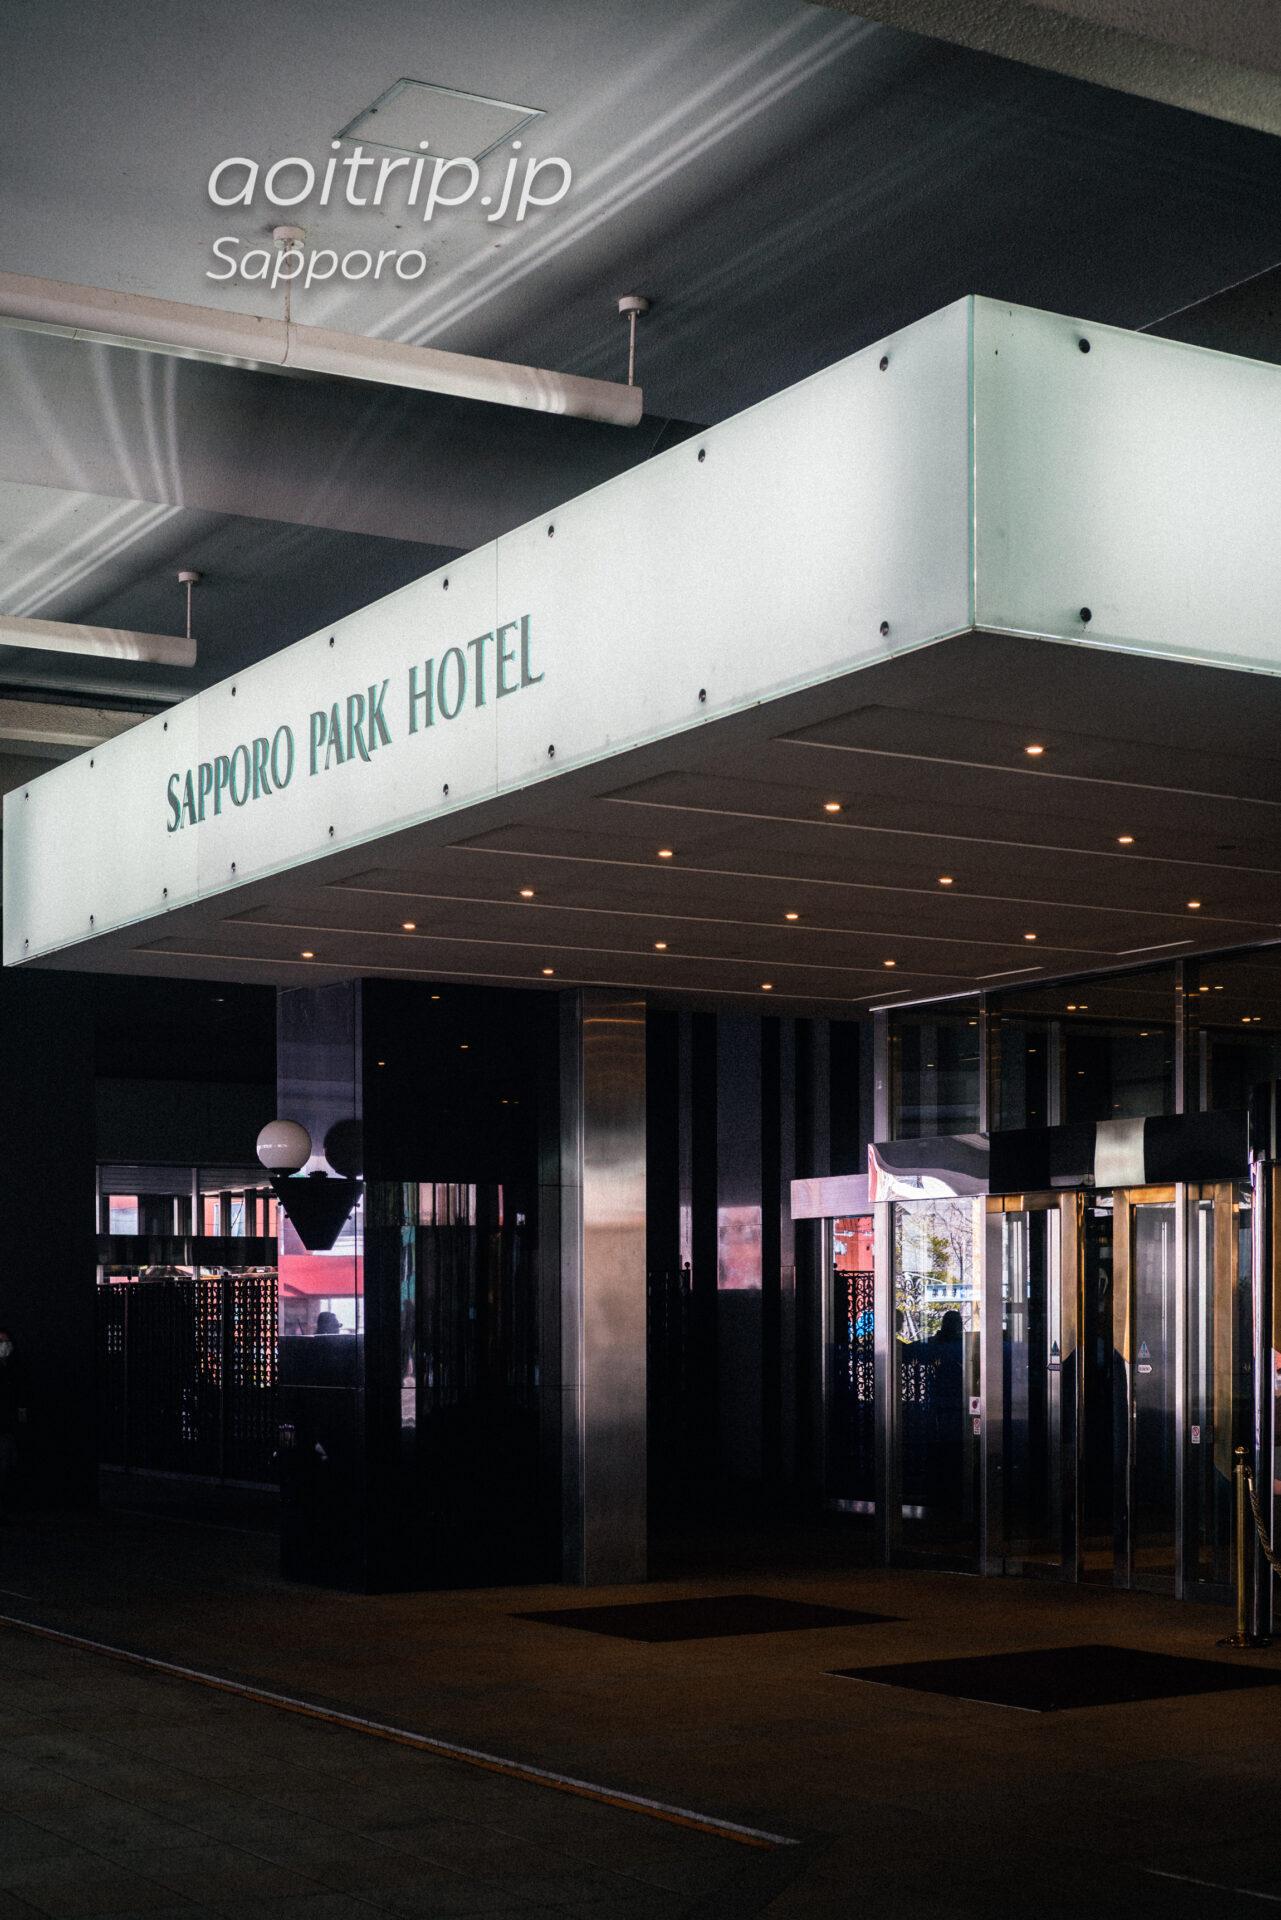 札幌パークホテルのエントランス